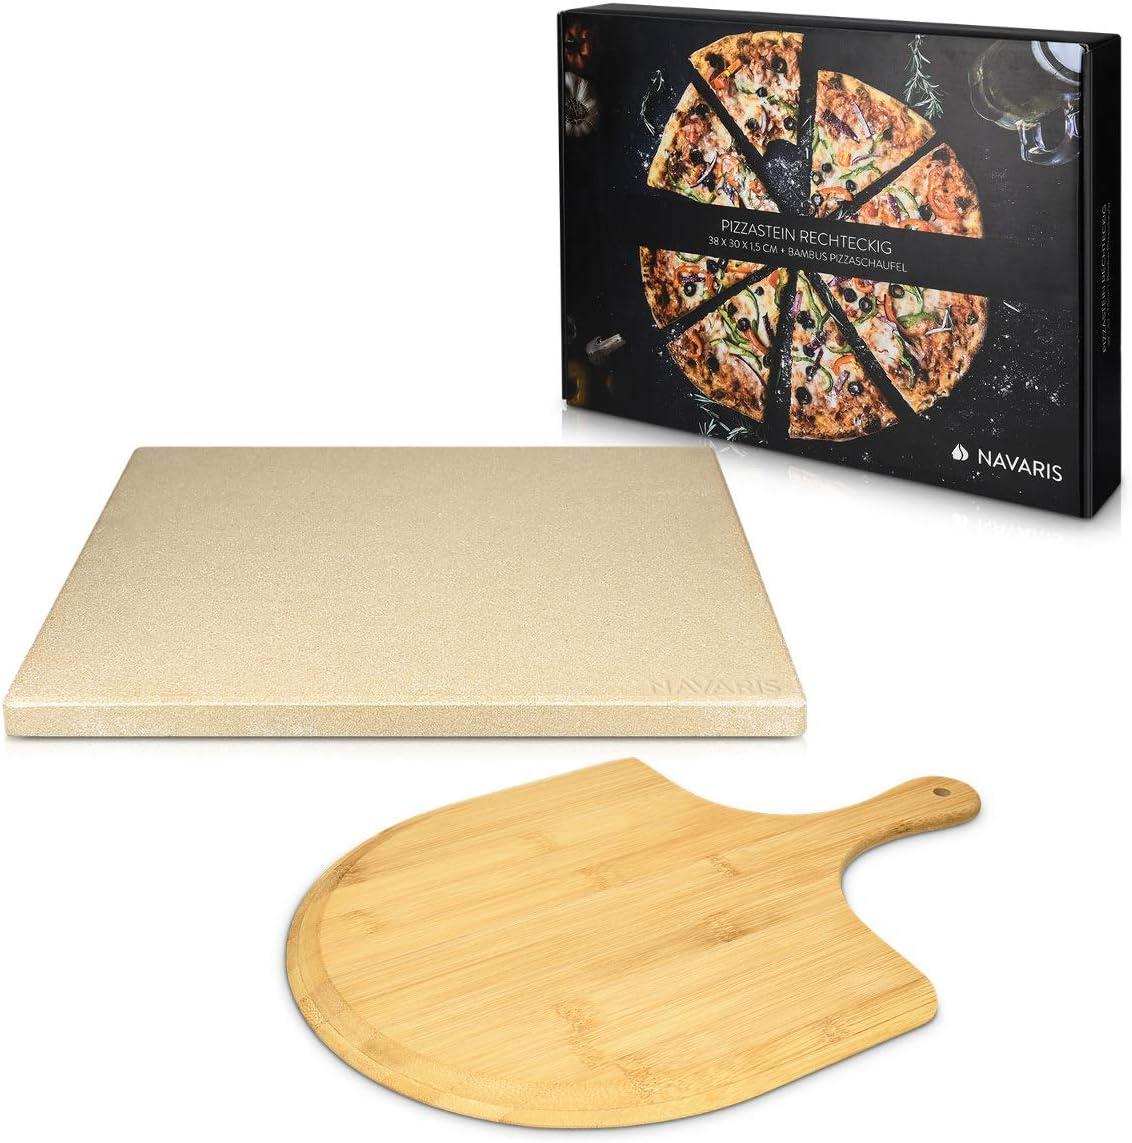 Navaris Set de piedra y pala para pizza - Piedra para horno de cordierita y pala de bambú - Bandeja para parrilla barbacoa y grill de 38 x 30 CM